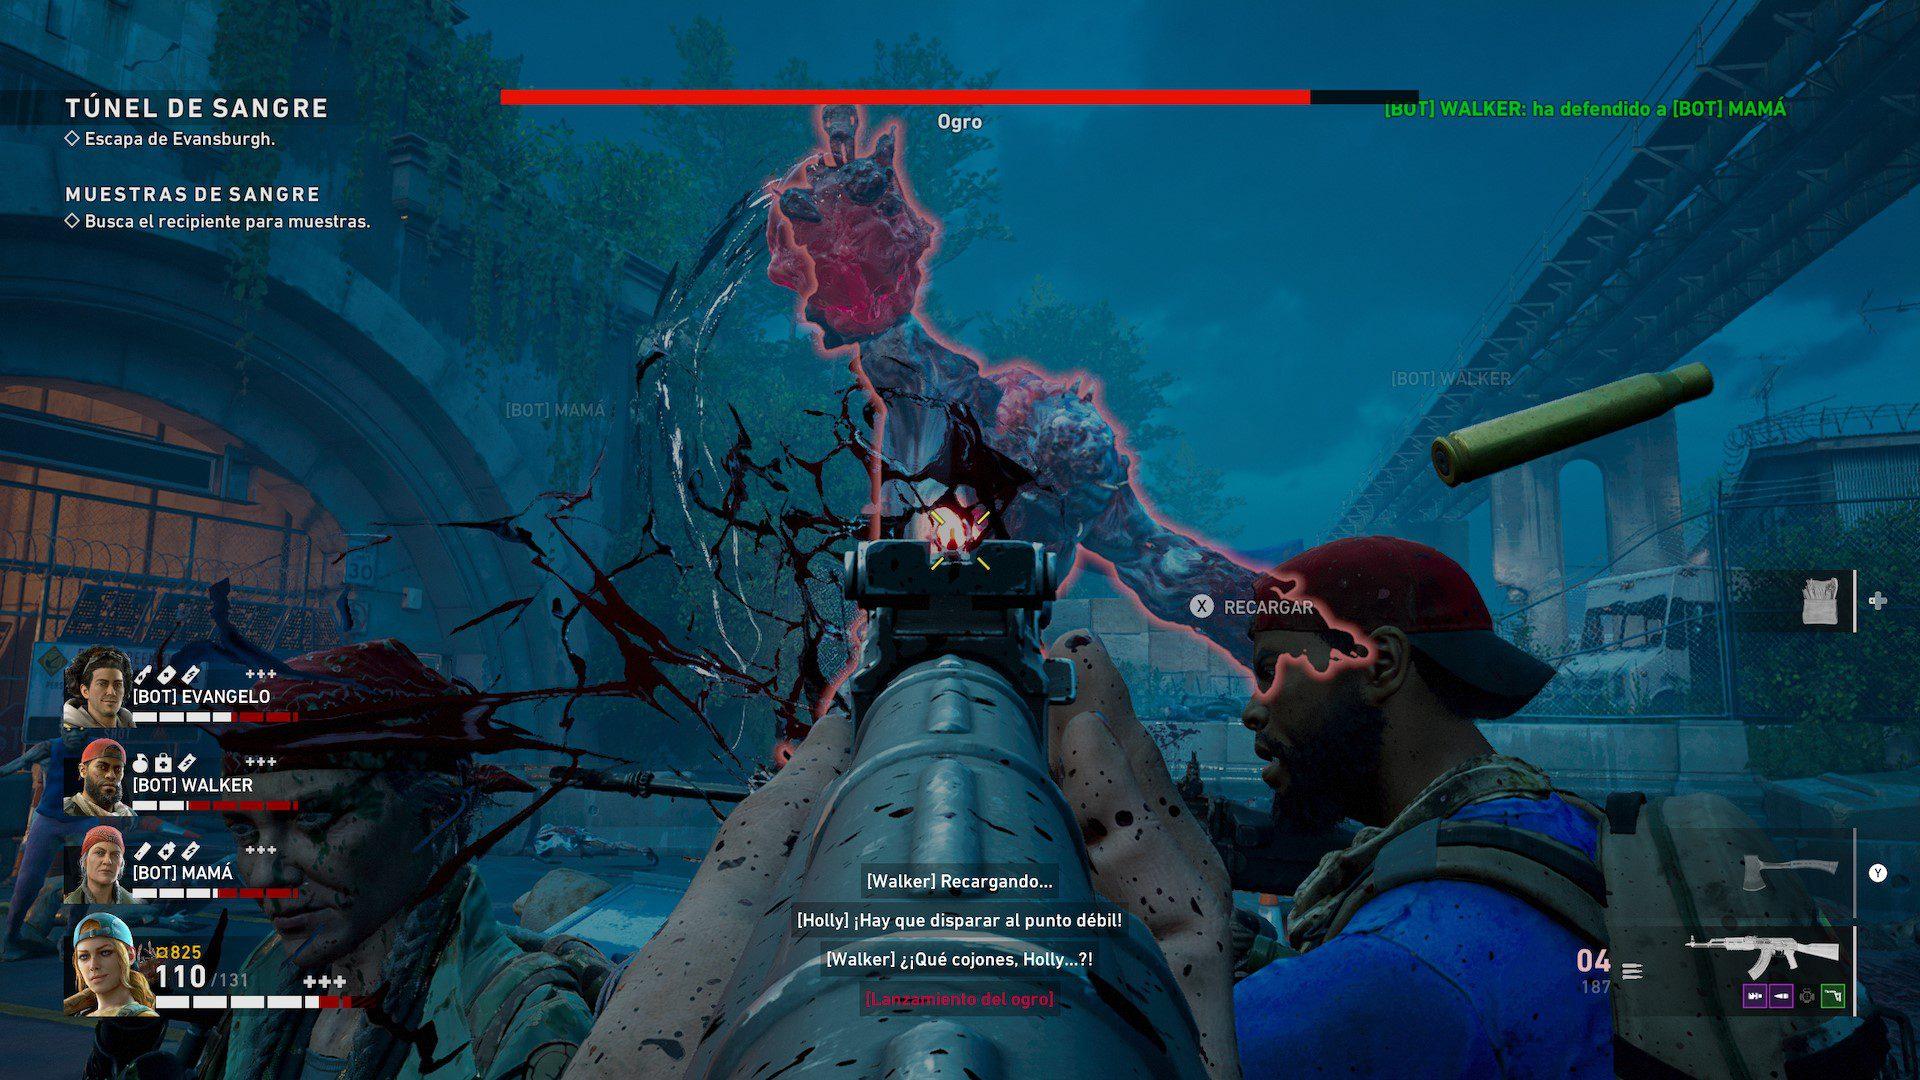 Análisis de Back 4 Blood en Xbox Series - Analizamos la experiencia cooperativa definitiva para Xbox Series, Back 4 Blood podría ser el Left 4 Dead 3 que nunca existió.